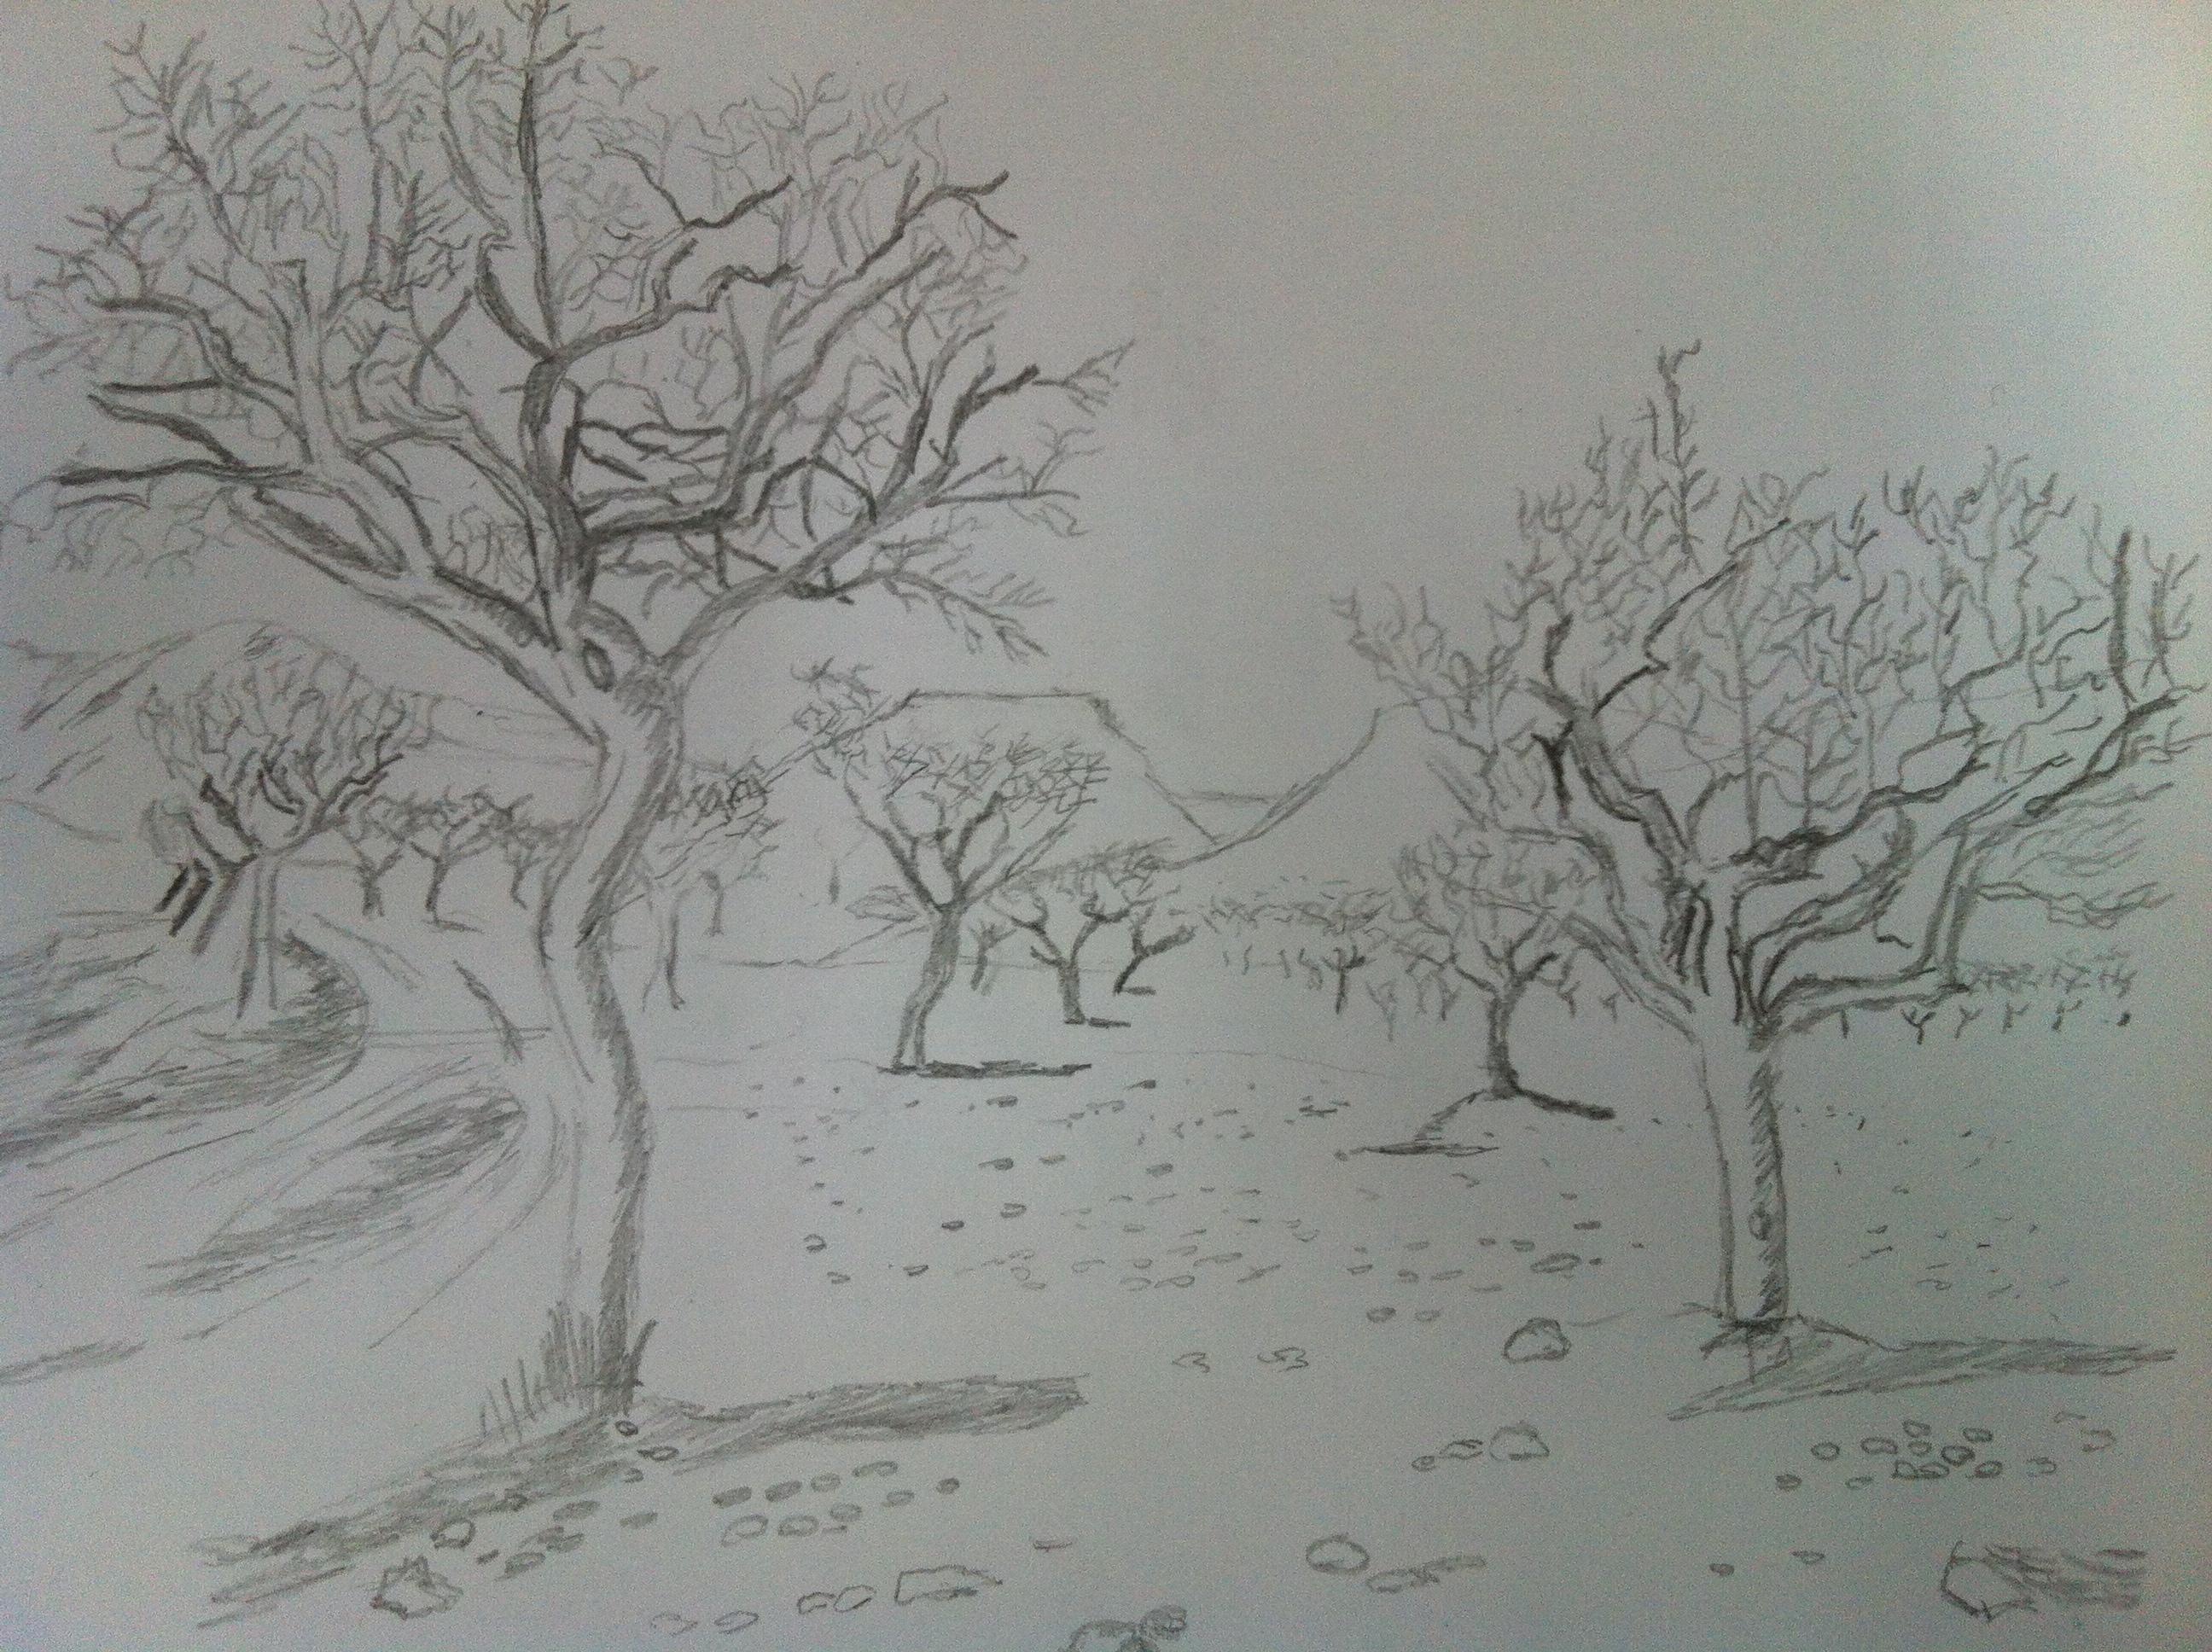 Paisajes Faciles de Dibujar a Lapiz Paisajes Para Dibujar a Lapiz